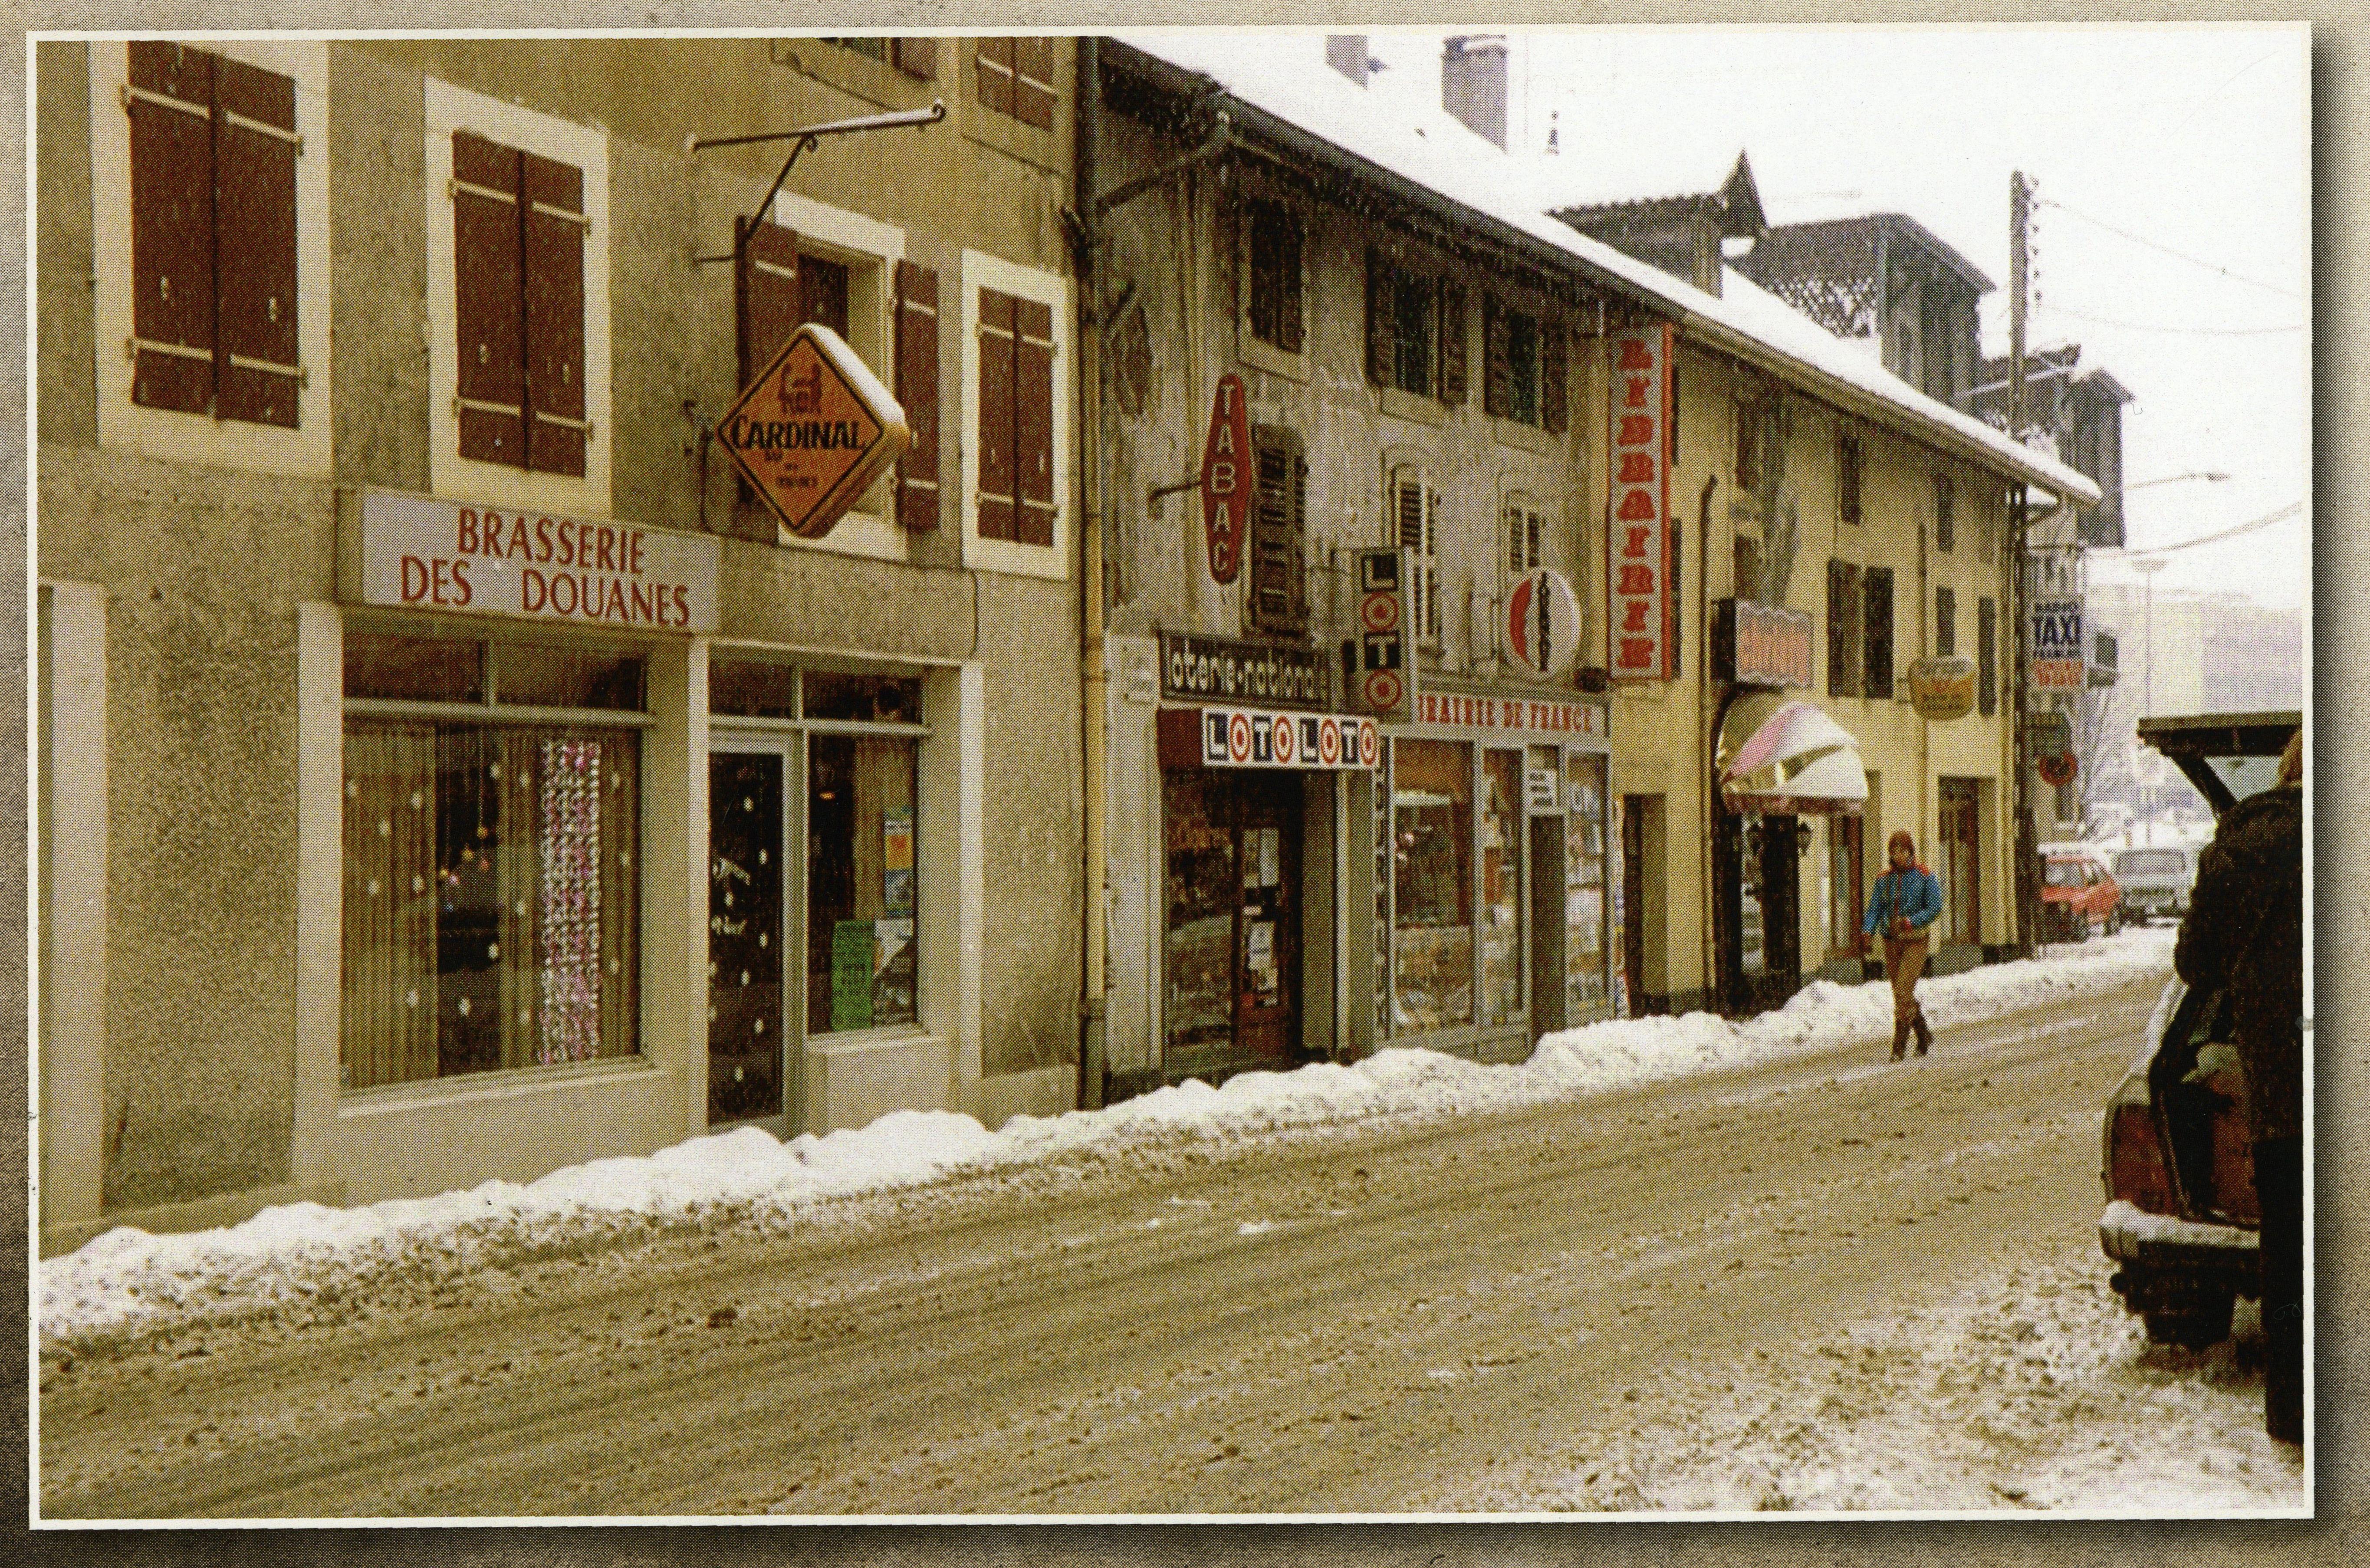 La Brasserie des douanes rue de Genève à Gaillard